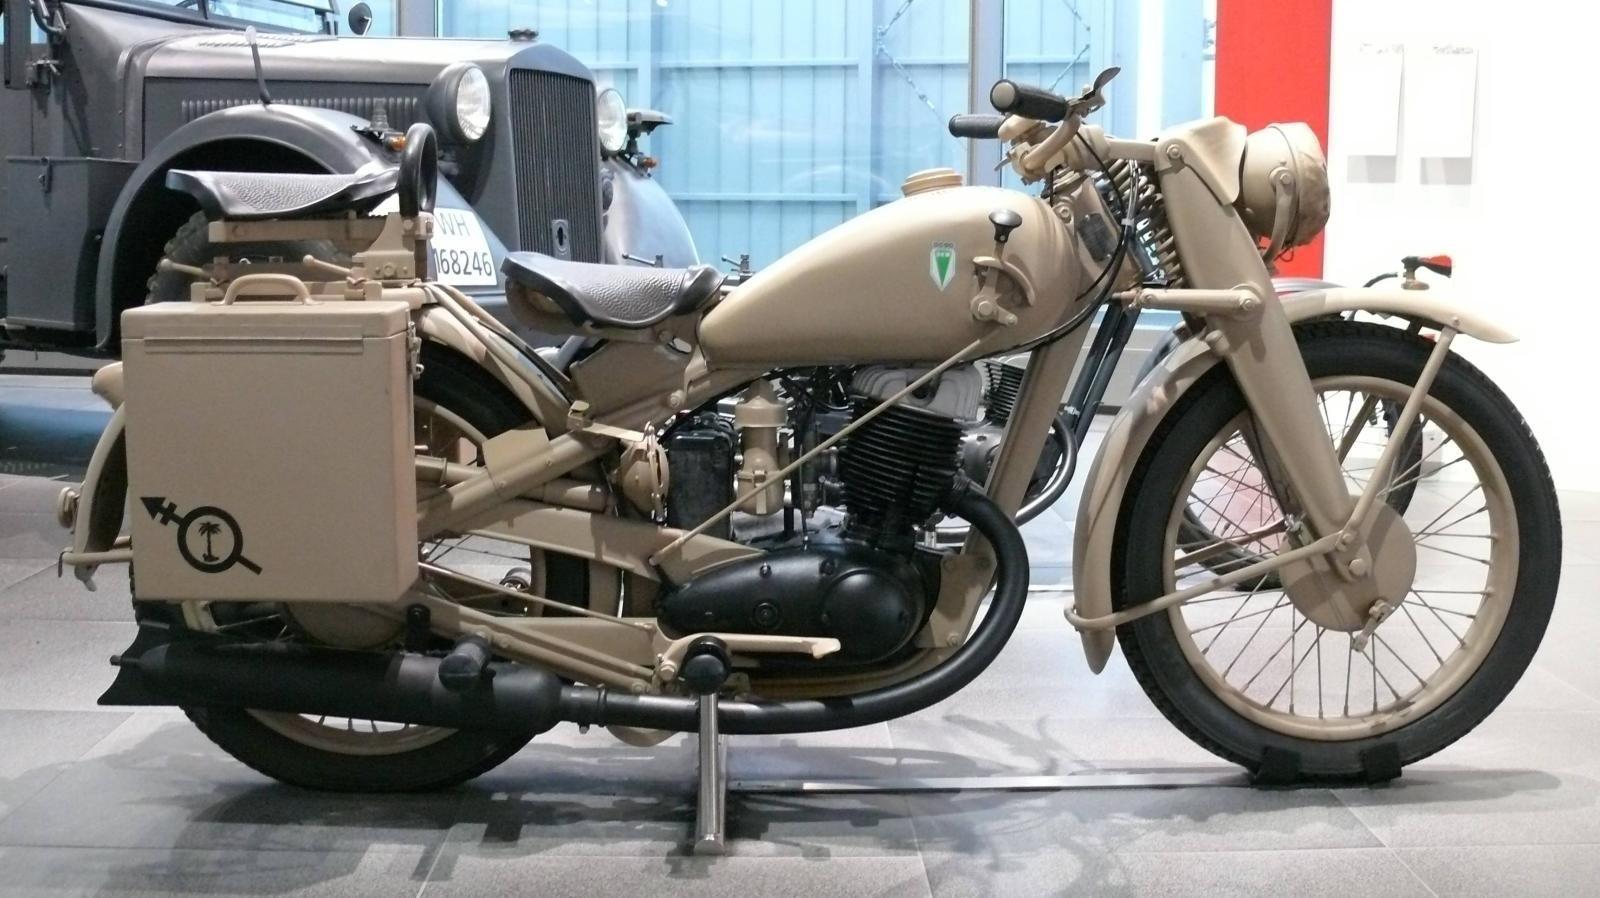 1945 DKW NZ 3501 Wehrmacht 750 Pinterest Motorcycle